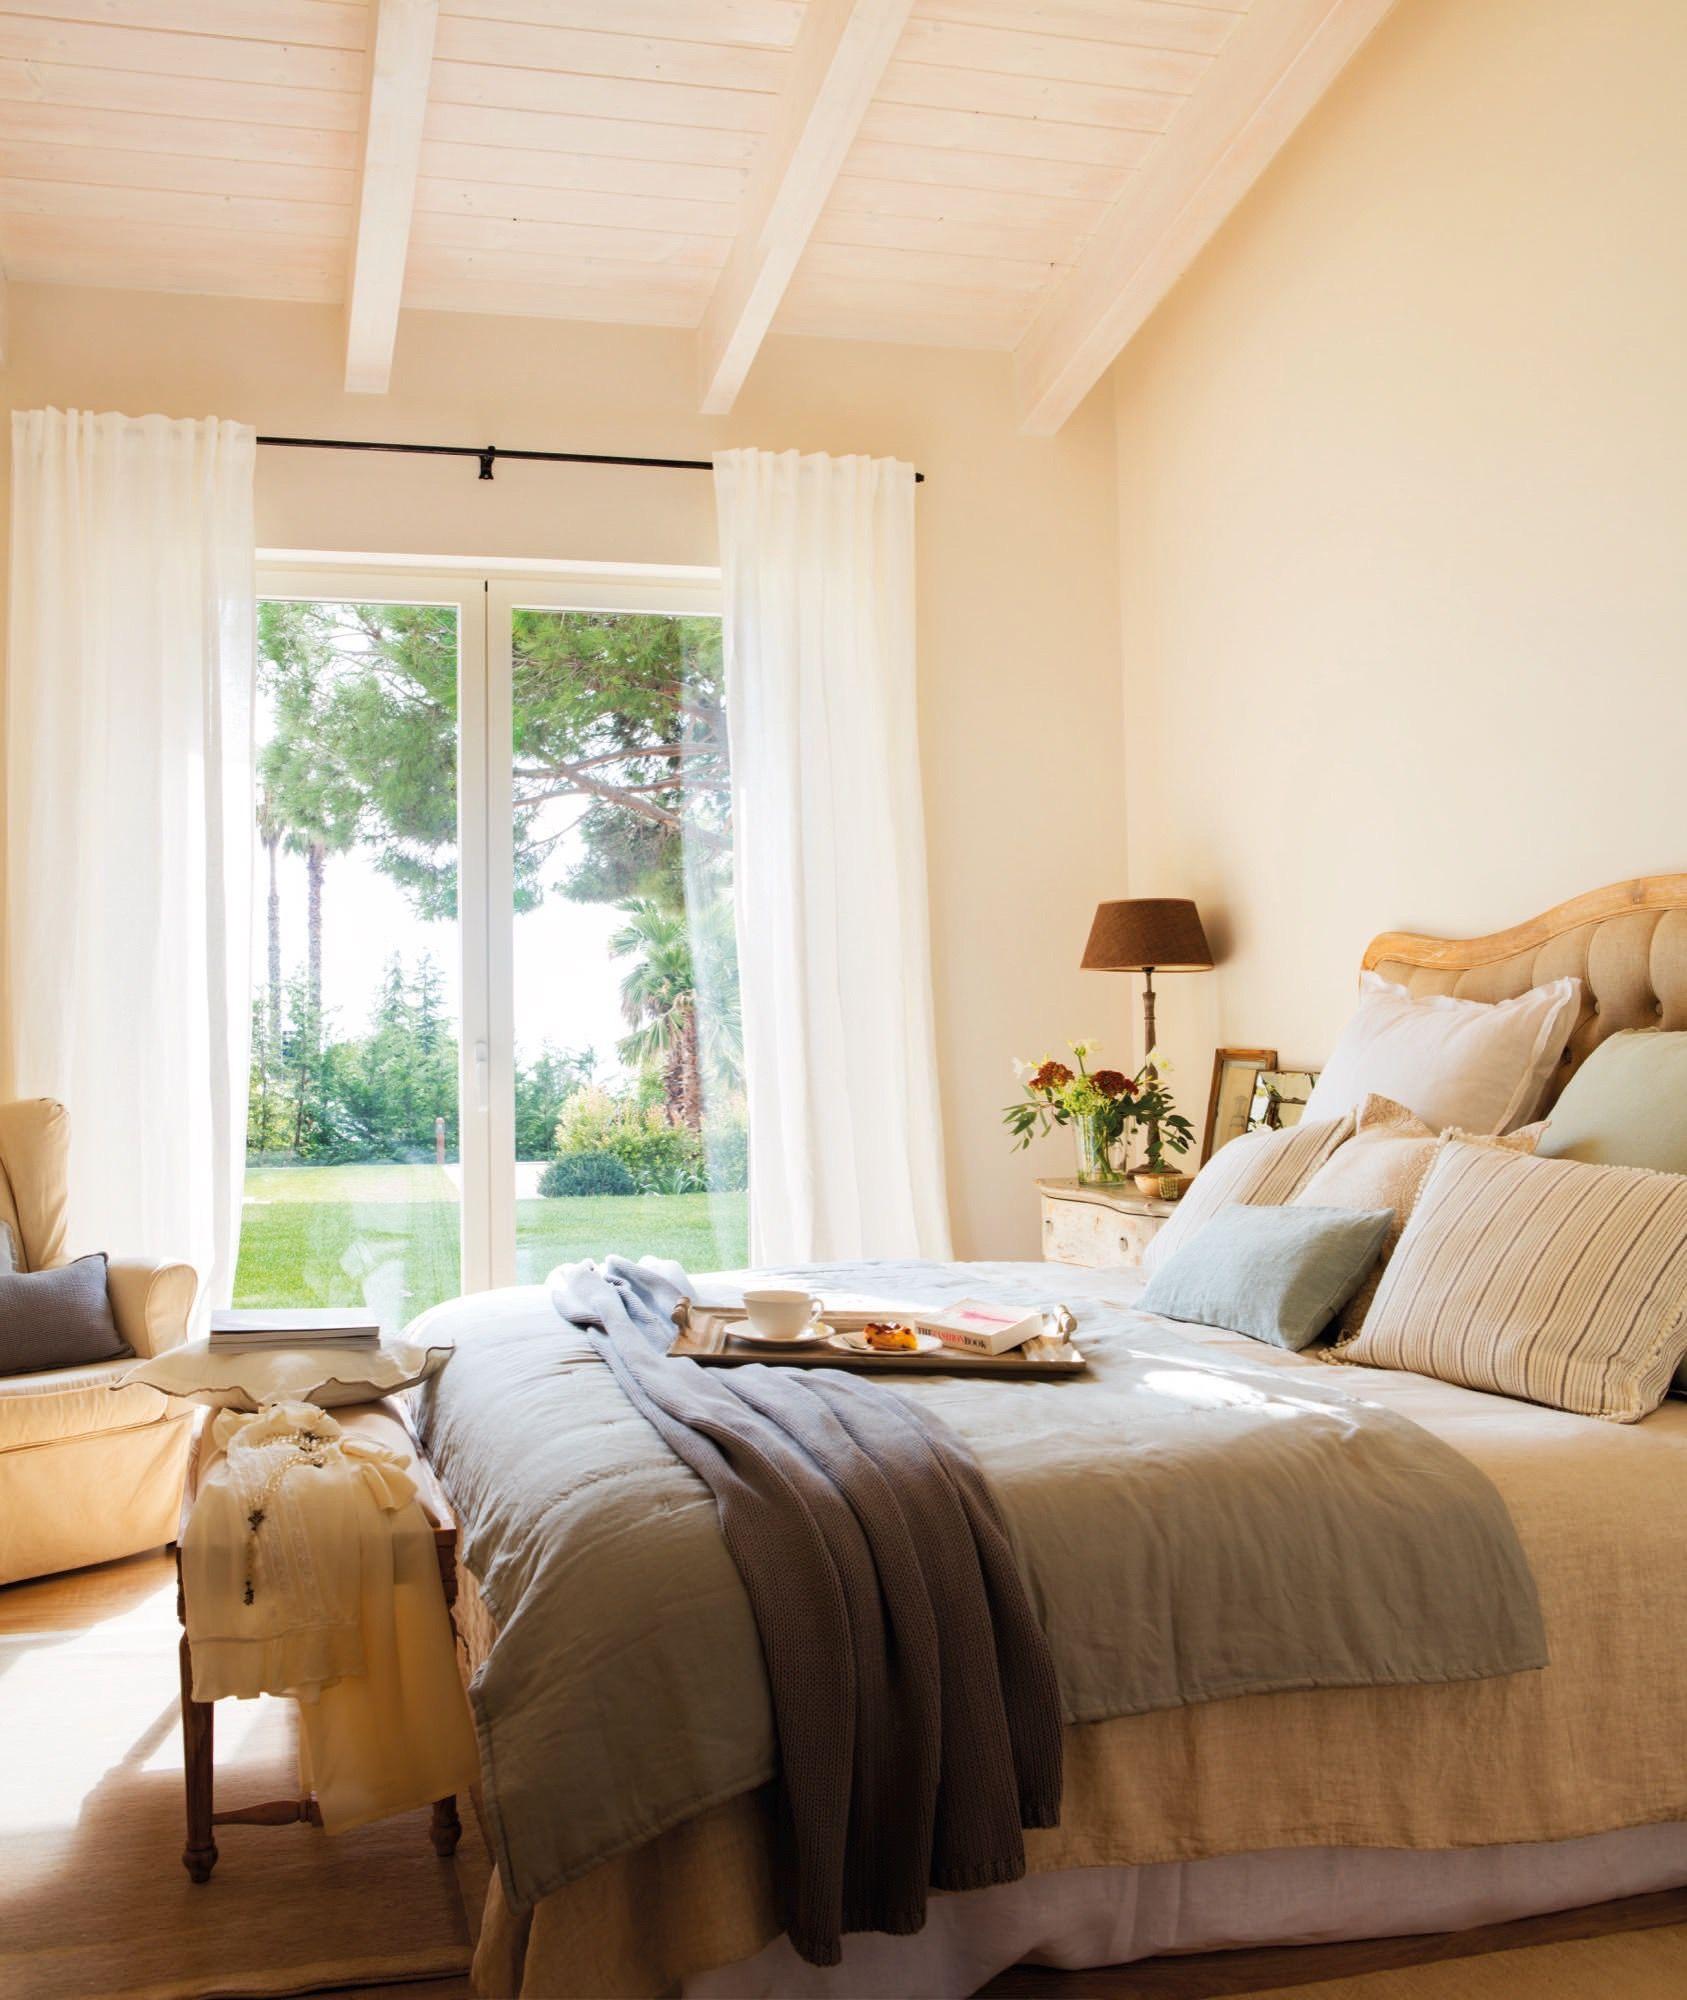 El dormitorio dormitorios bedroom pinterest casas - Cortinas rusticas dormitorio ...